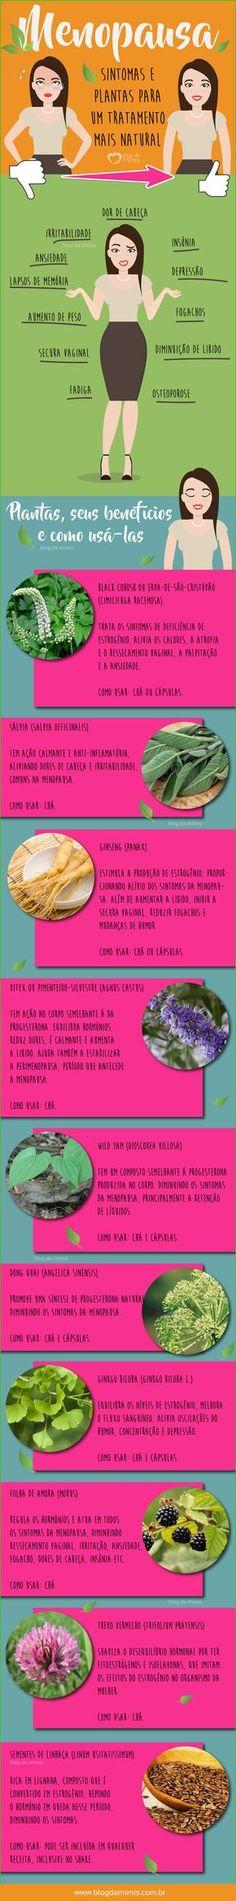 A menopausa é um processo natural do organismo feminino, que ocorre depois dos 40 anos, ocasionando um declínio dos hormônios reprodutivos. Os sintomas são sentidos por 40% das mulheres, que normalmente reclamam de fogachos (os típicos calorões), a queda na…